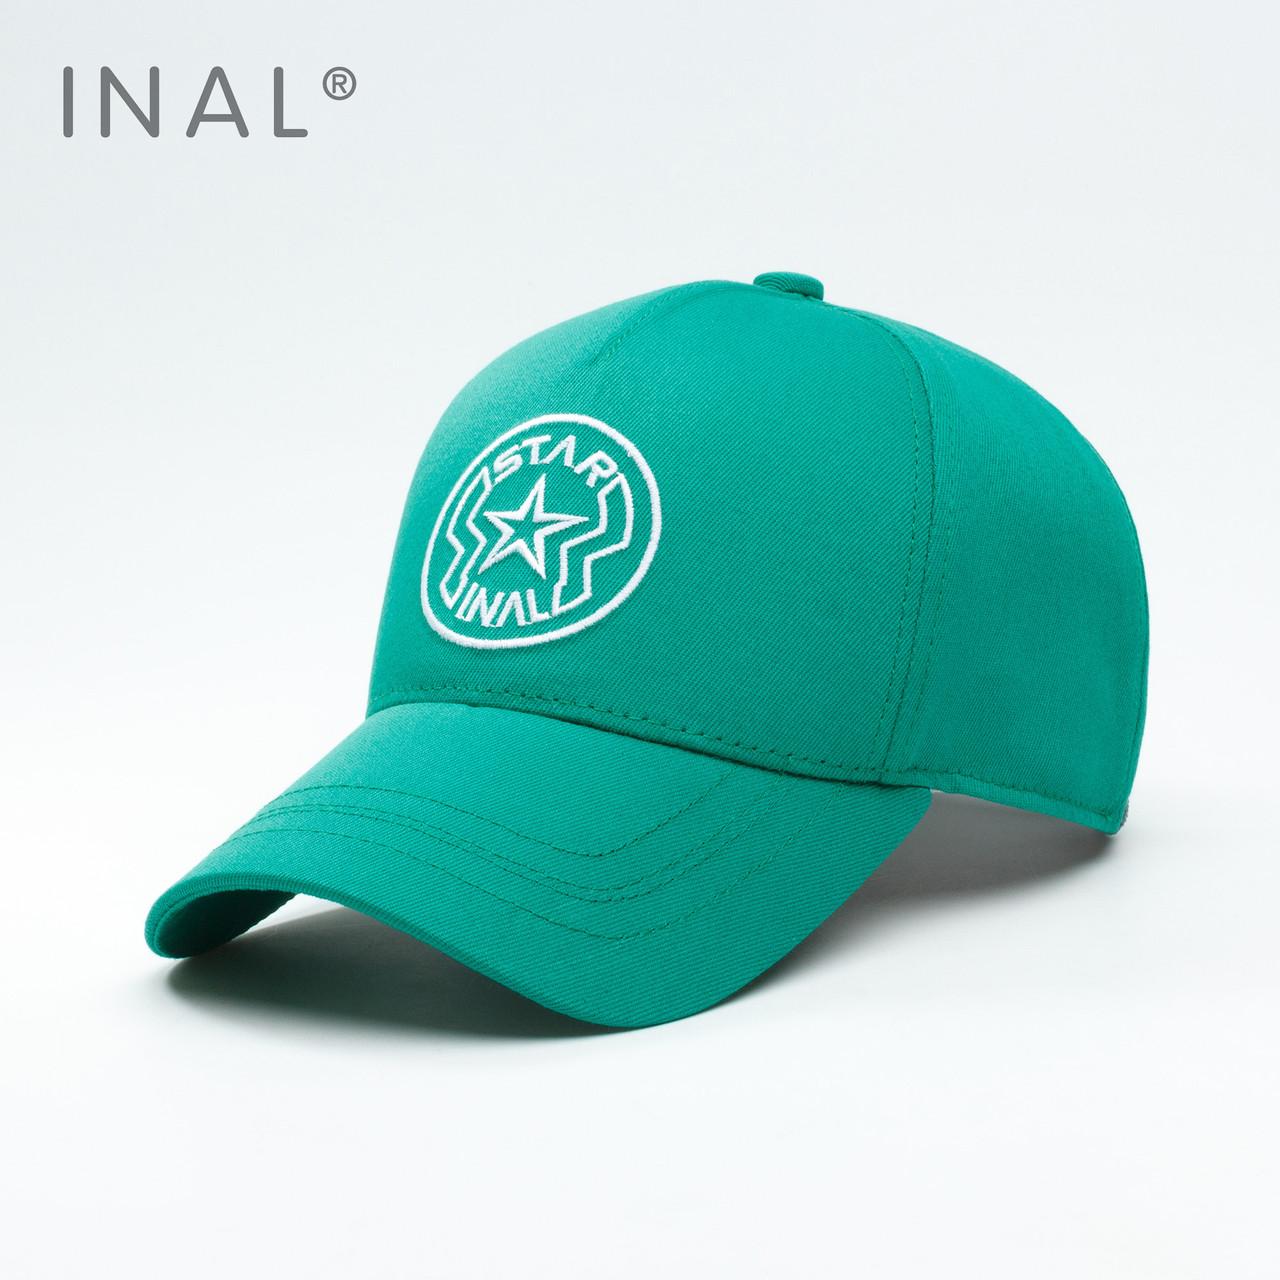 Кепка бейсболка INAL Star L / 57-58 RU Зеленый 154357